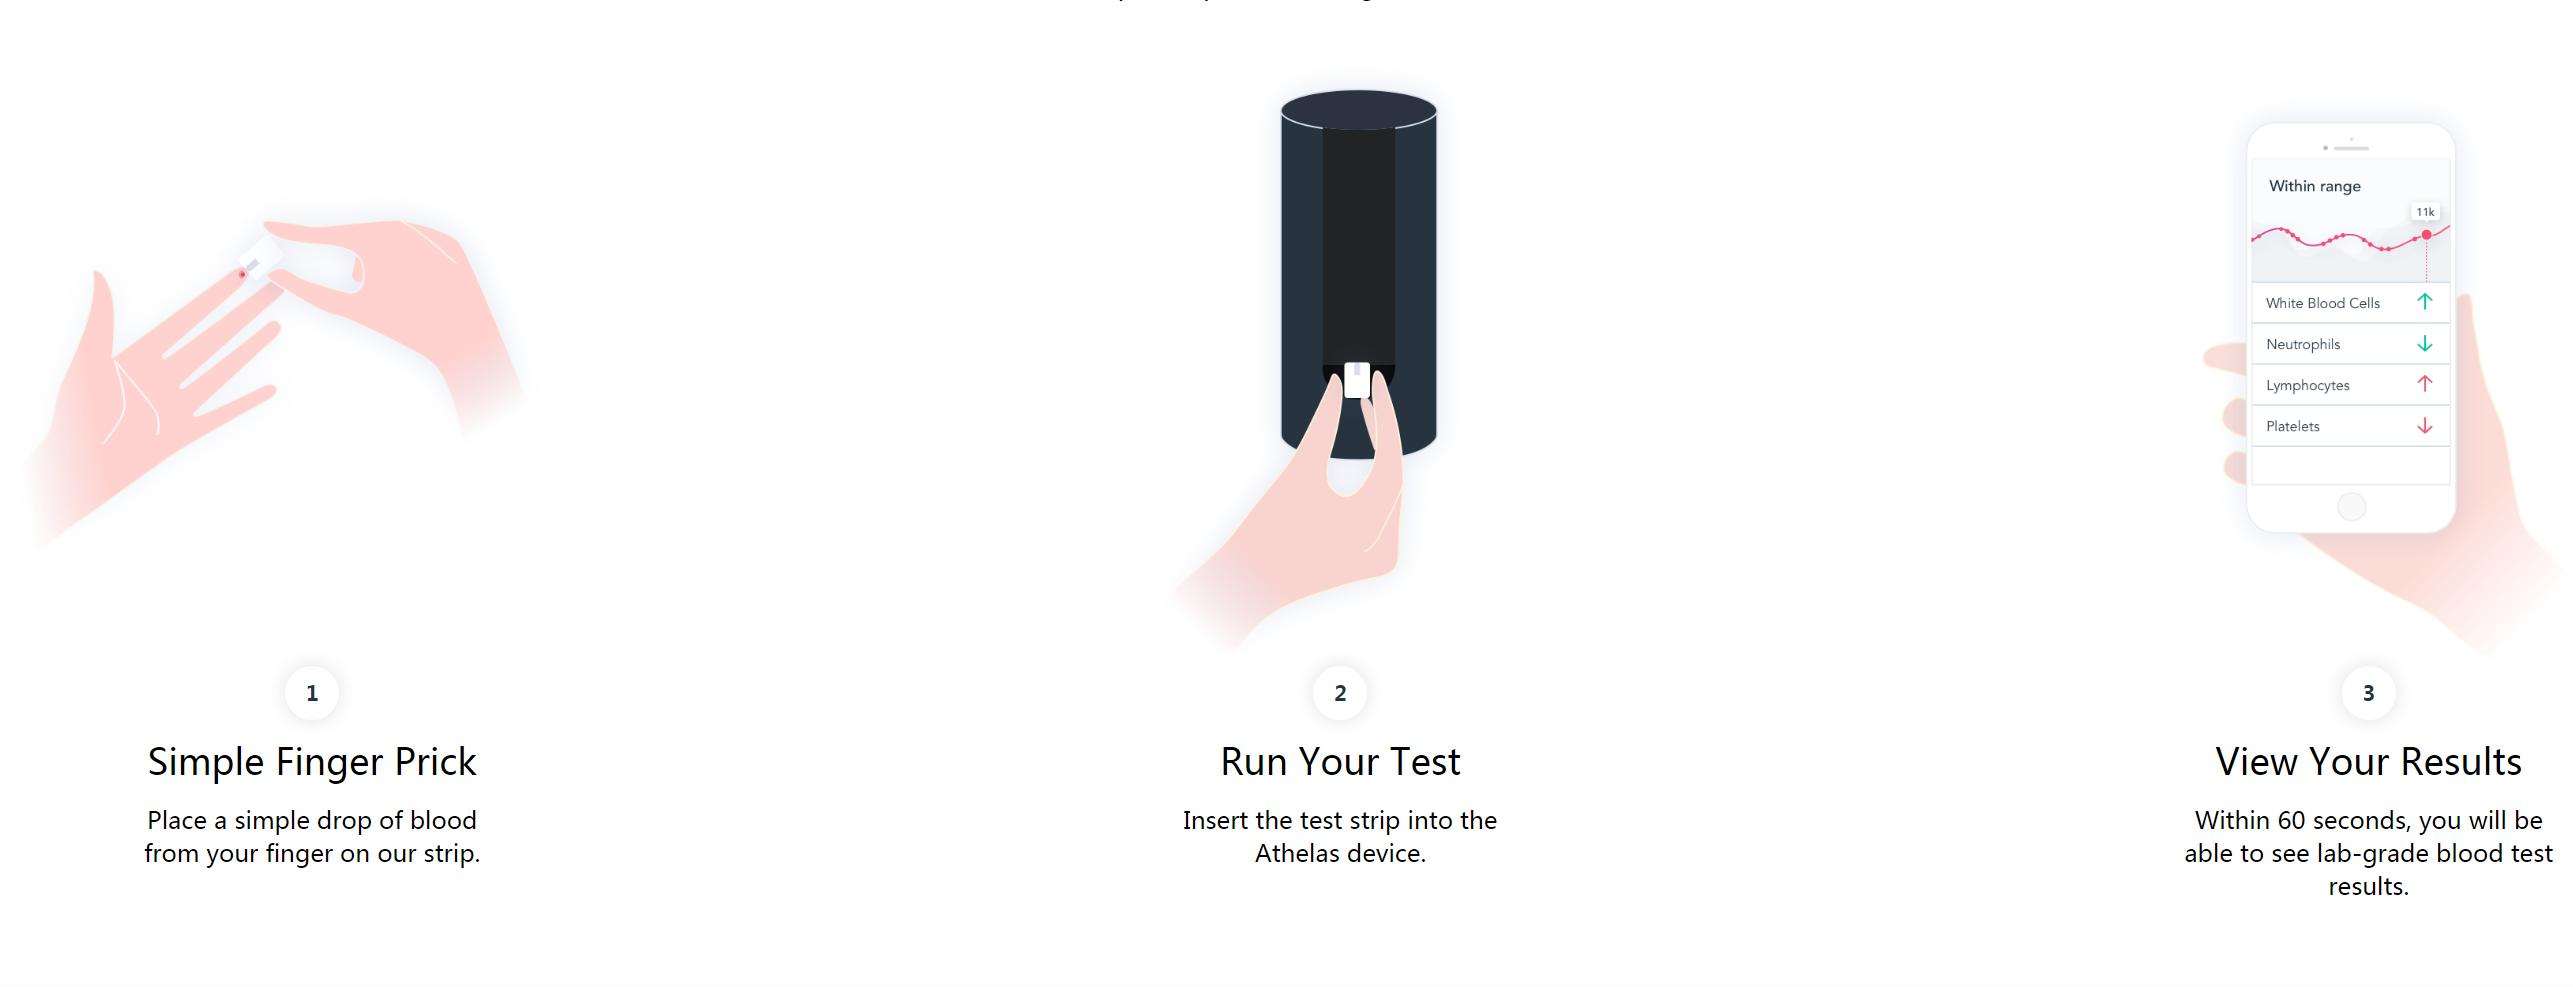 检测血液如量体温一般简单只需两分钟出结果 计算机视觉 第2张